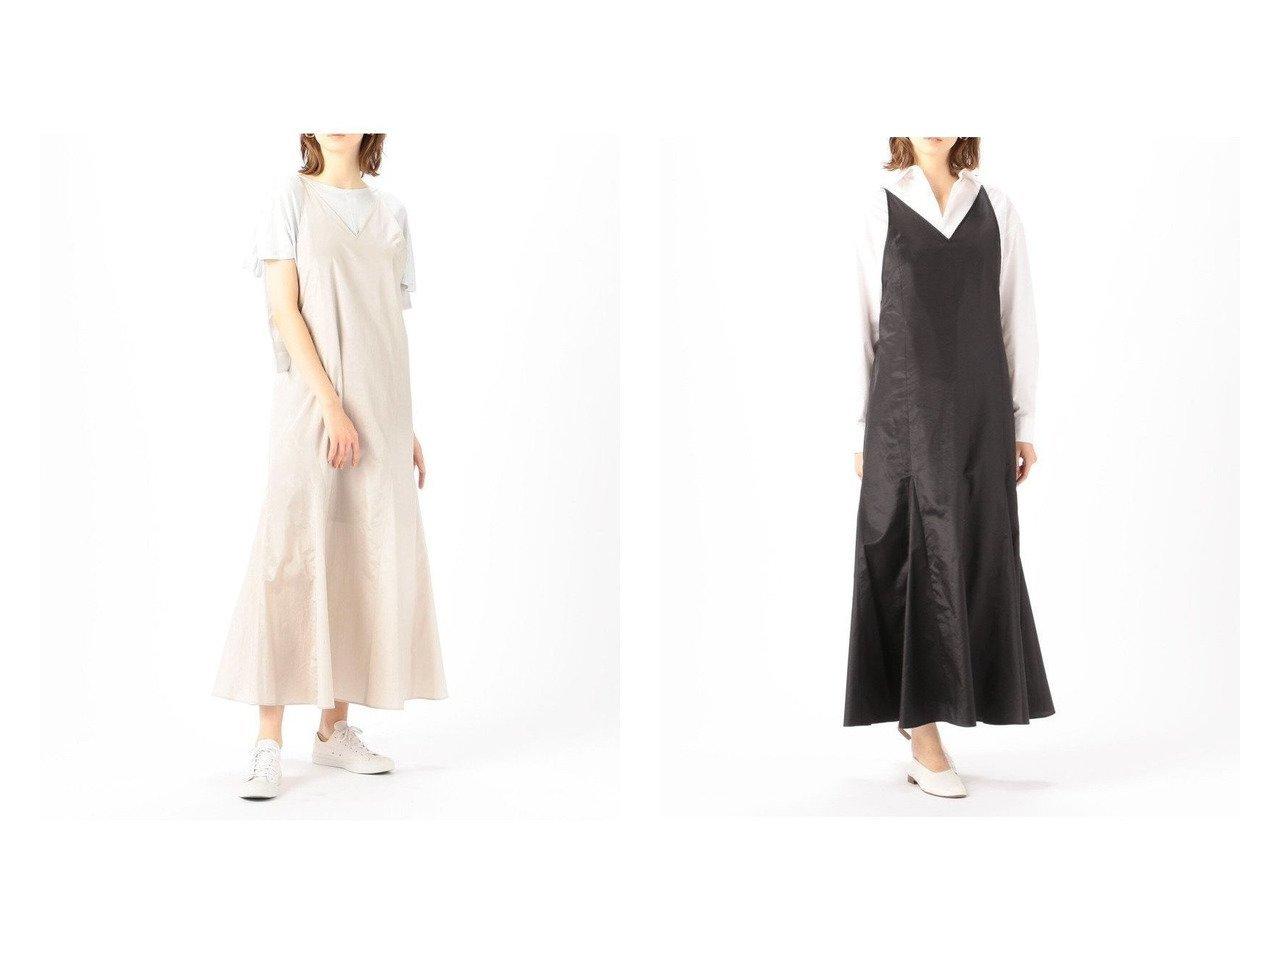 【EDITION / TOMORROWLAND/エディション 】のC LIGHT TAFFETA ポリエステルコットン パネルキャミソールワンピース ワンピース・ドレスのおすすめ!人気、トレンド・レディースファッションの通販  おすすめで人気の流行・トレンド、ファッションの通販商品 メンズファッション・キッズファッション・インテリア・家具・レディースファッション・服の通販 founy(ファニー) https://founy.com/ ファッション Fashion レディースファッション WOMEN ワンピース Dress NEW・新作・新着・新入荷 New Arrivals 2021年 2021 2021 春夏 S/S SS Spring/Summer 2021 S/S 春夏 SS Spring/Summer カッティング タフタ デニム ドレス ドレープ フレア マーメイド |ID:crp329100000010102